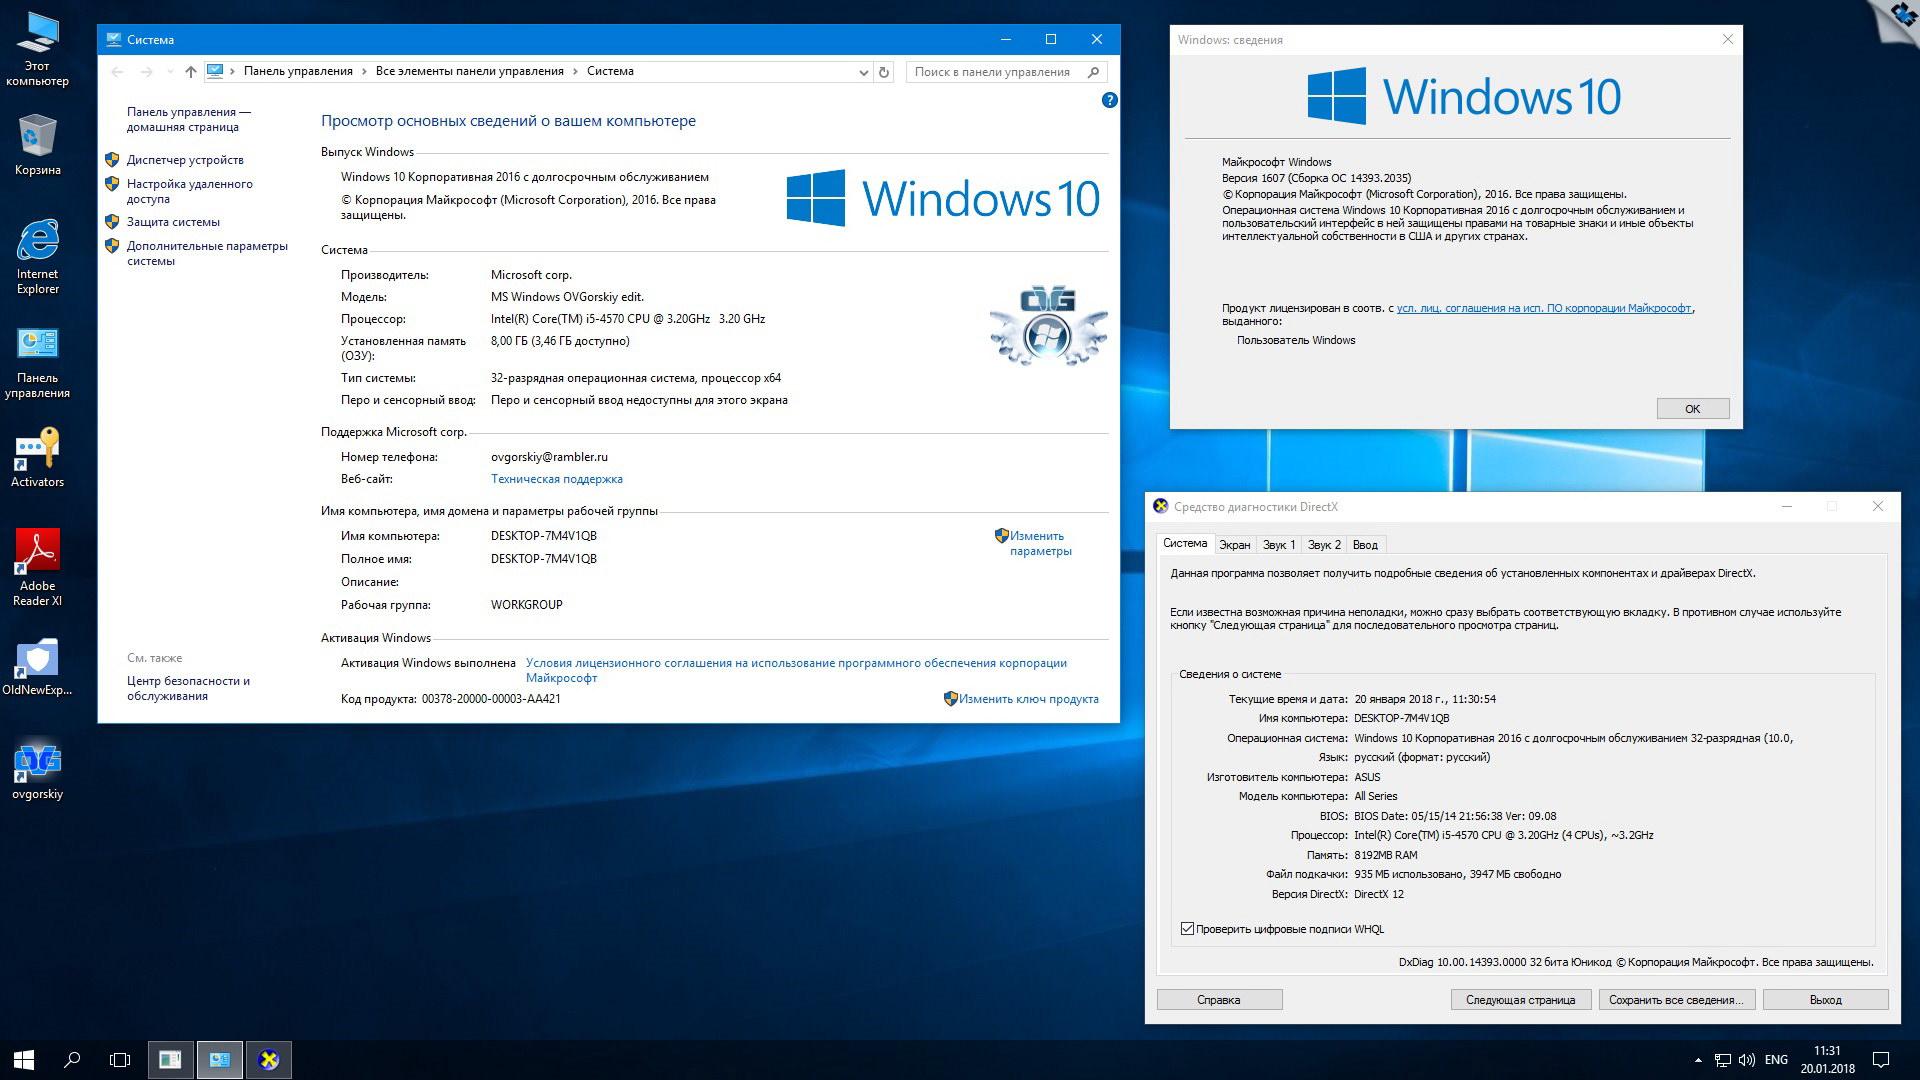 Windows 10 Enterprise LTSB x86/x641607 RU Office16 by OVGorskiy® 01.2018 2DVD (2018) Русский